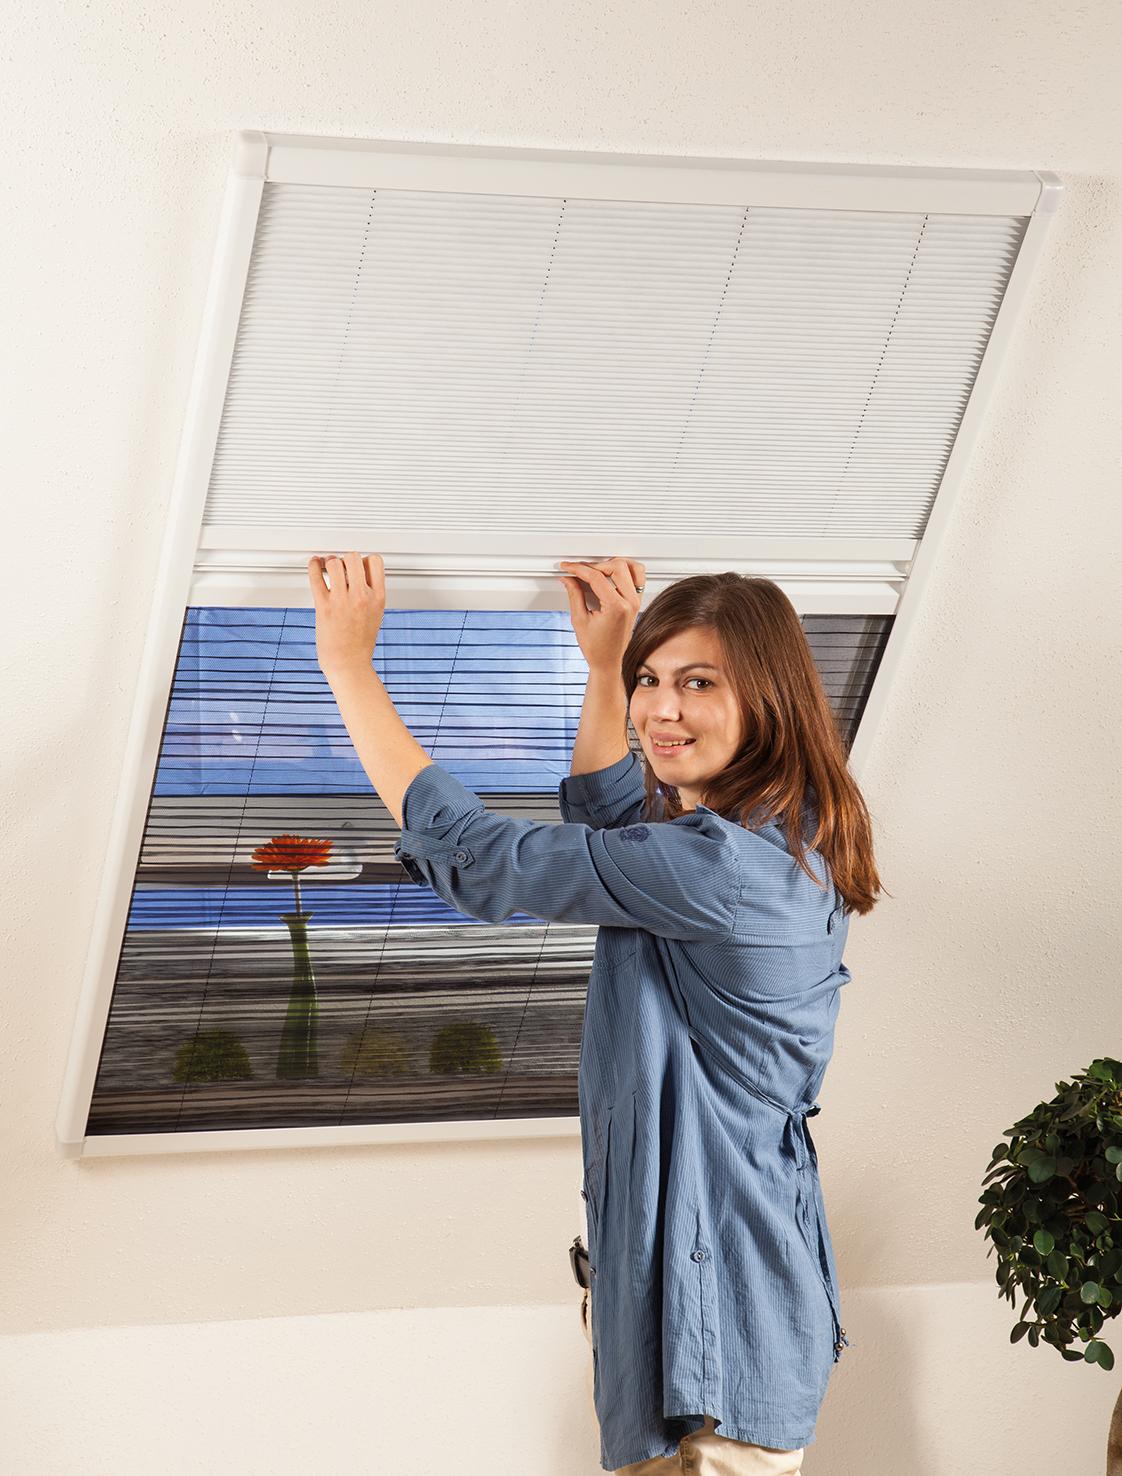 aldi s d fliegengitter sonnenschutz f r dachfenster sets fenster teile zubeh r baustoffe. Black Bedroom Furniture Sets. Home Design Ideas